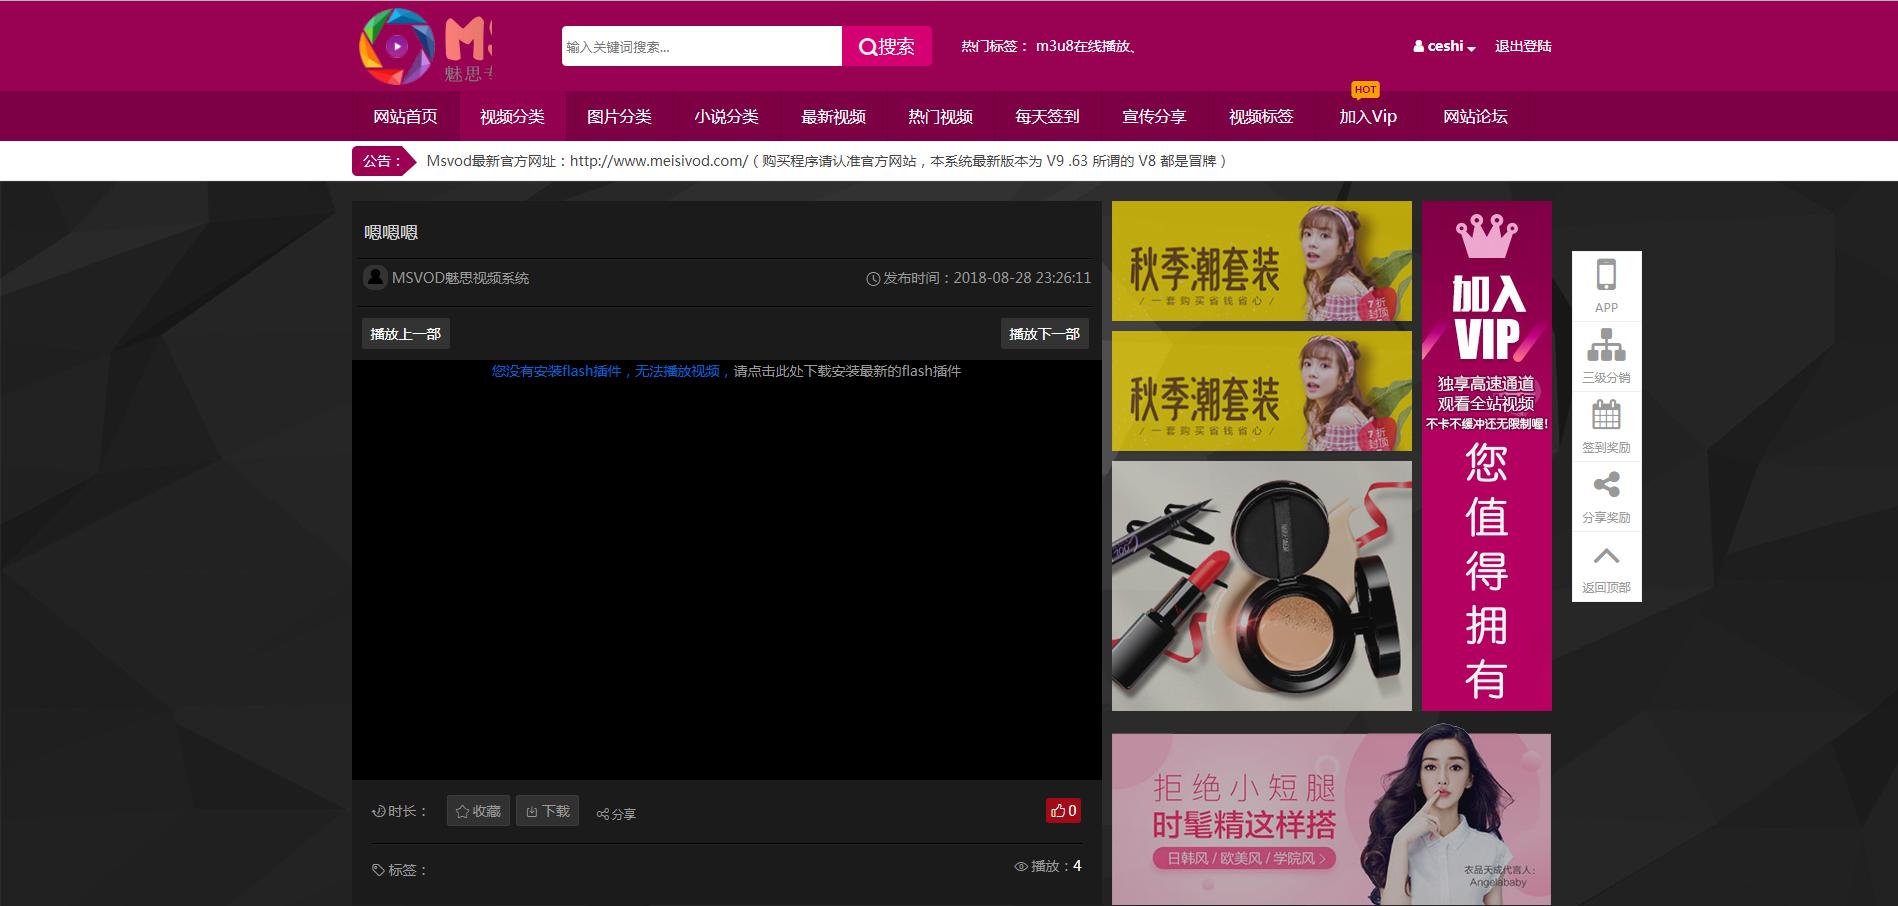 魅思MSVOD视频系统V9.6.3高级版_完全解密(PC+WAP+试看+分销)